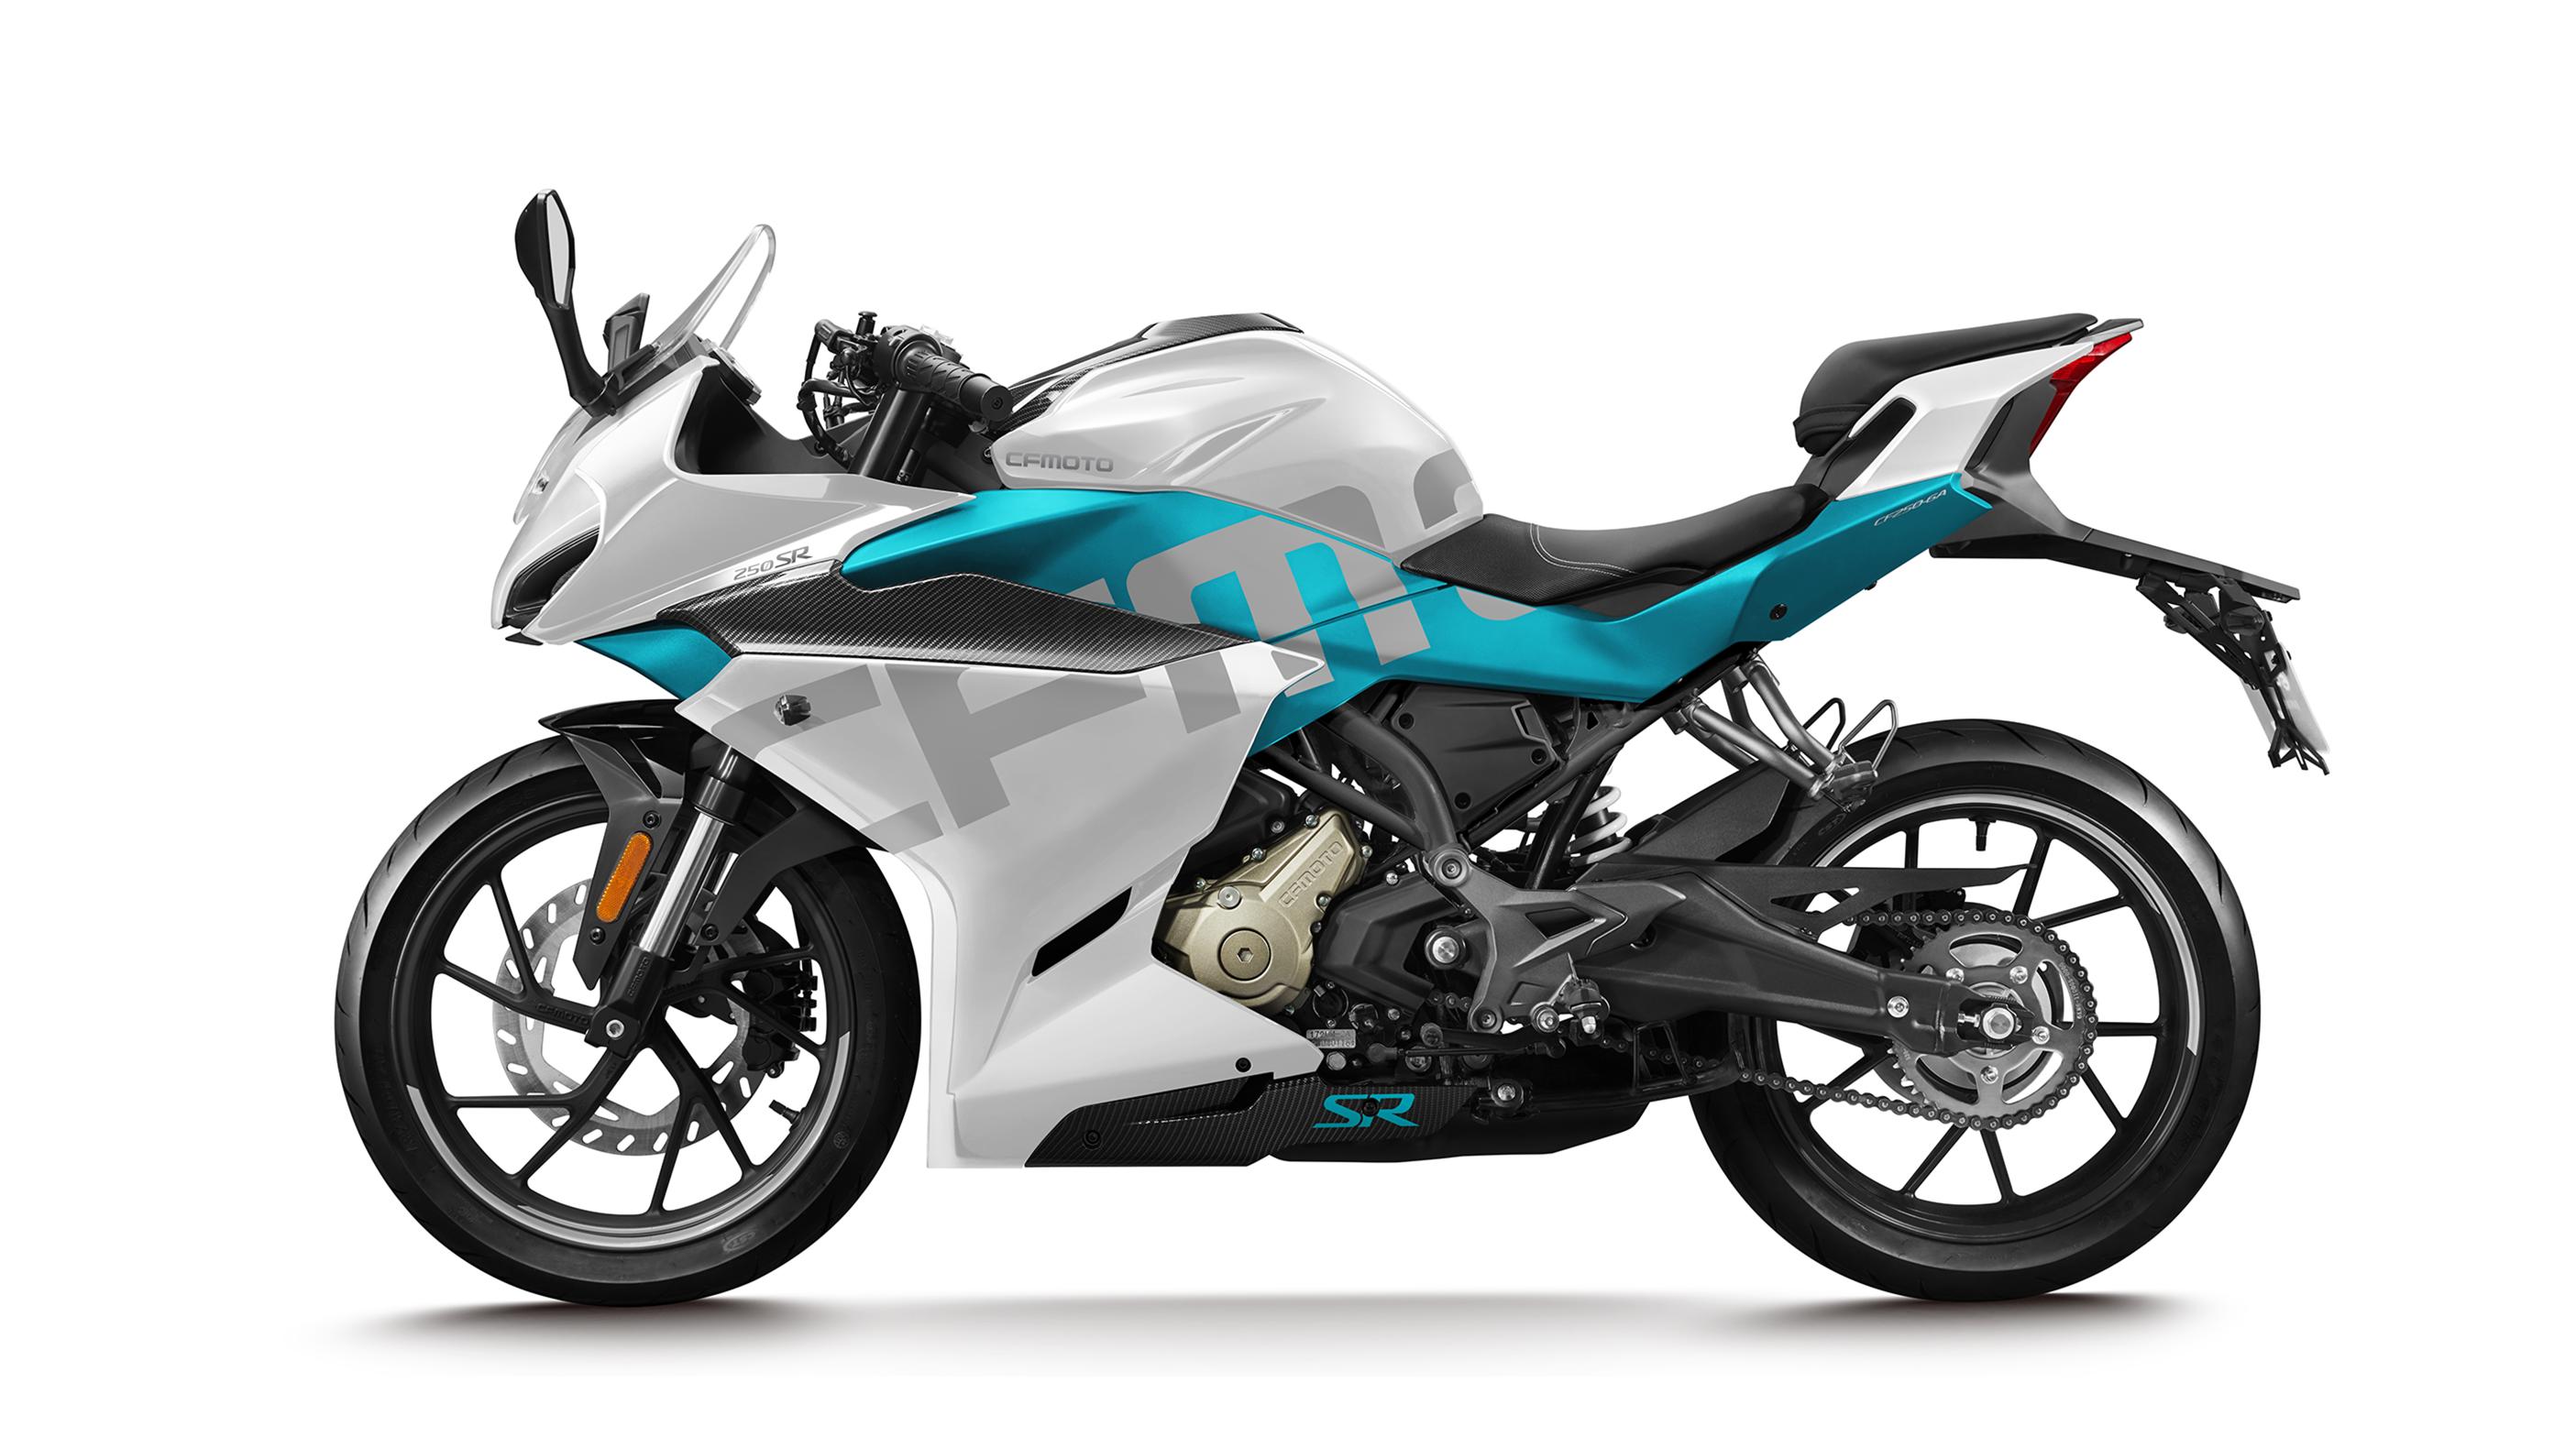 理|    春风250sr摩托车之高低两个配置的区别   春风250sr高配版   春风250sr高配版   仪表区别   低配